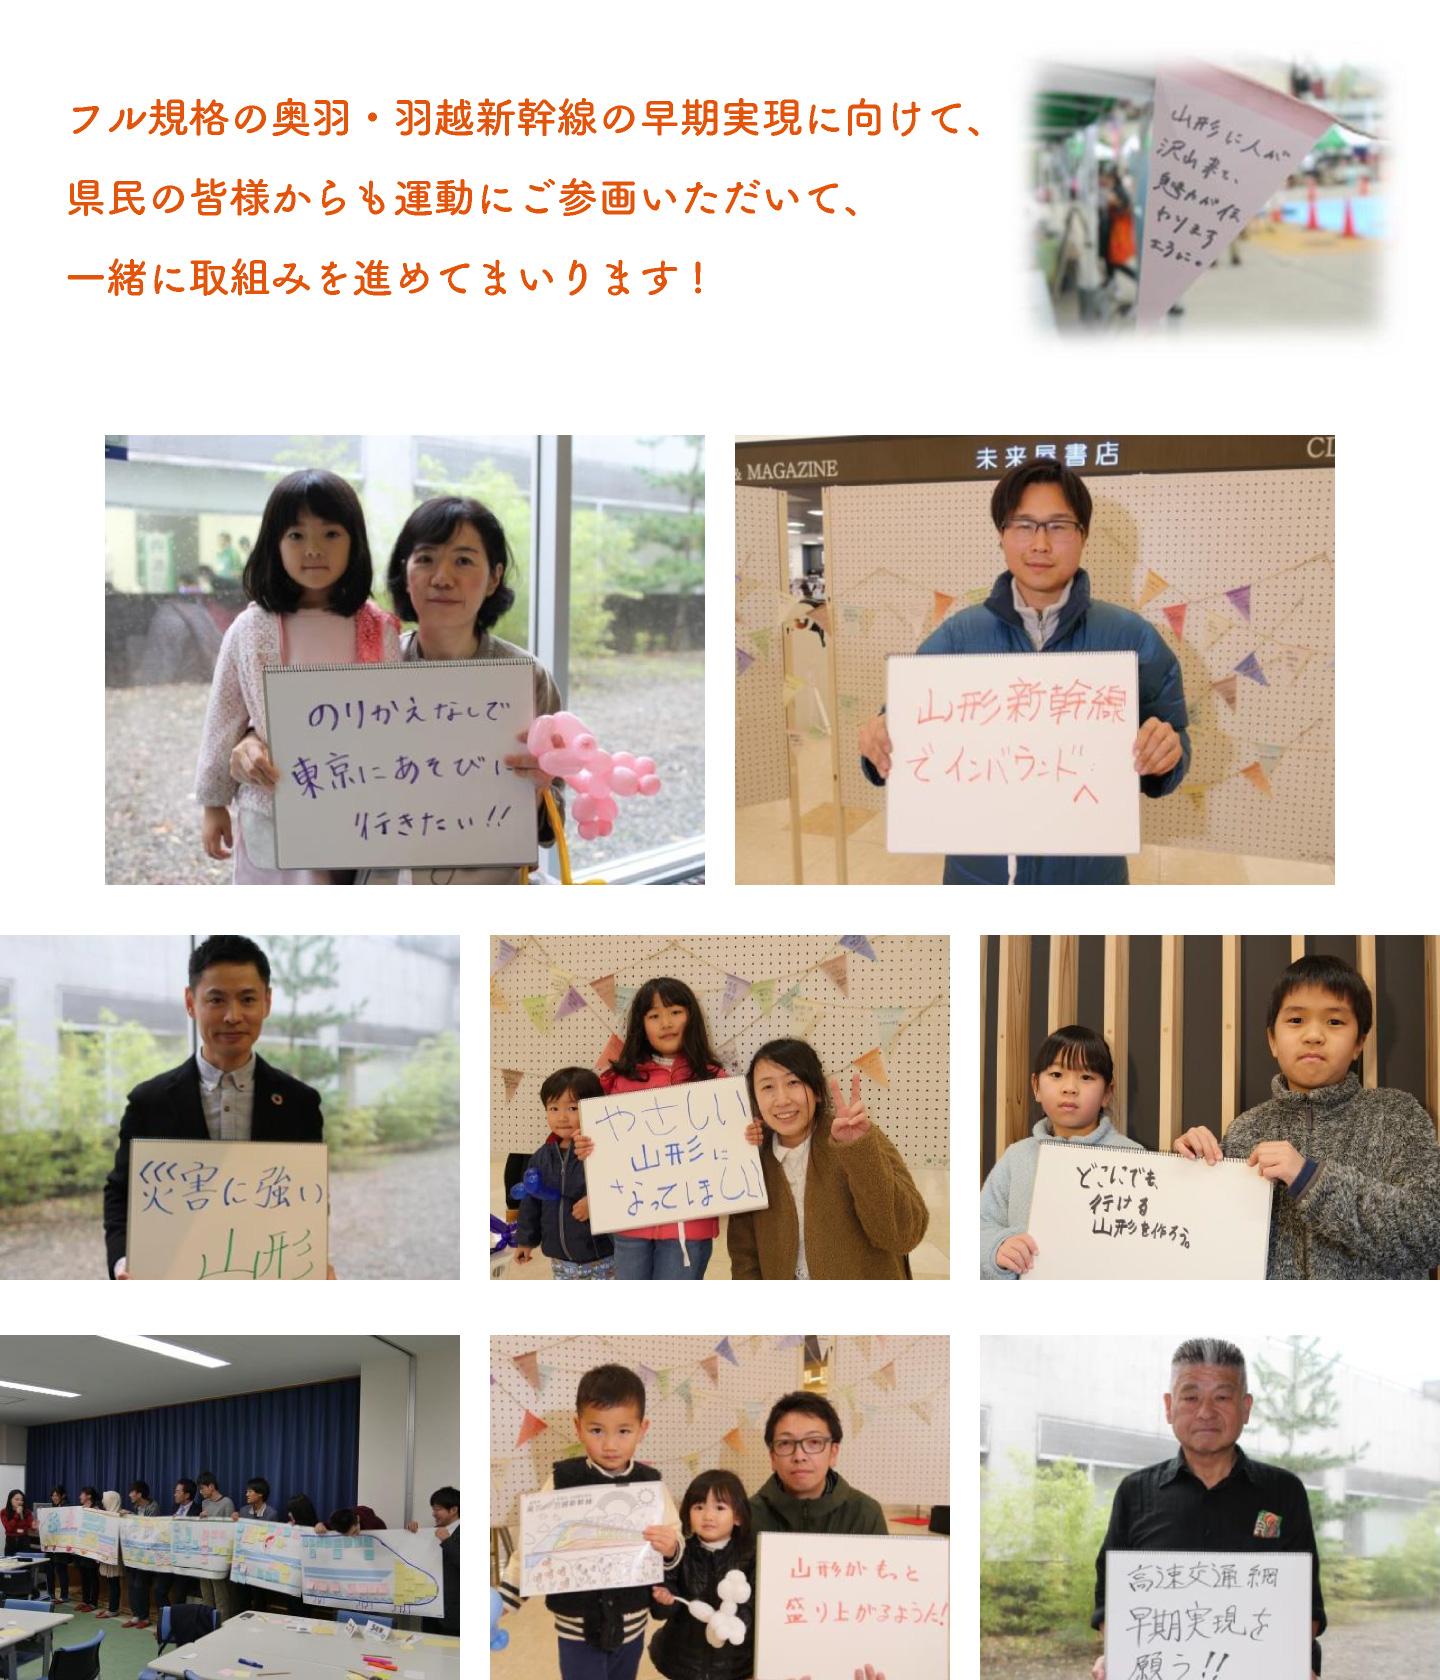 フル規格の奥羽・羽越新幹線の早期実現に向けて、県民の皆様からも運動にご参画いただいて、一緒に取組みを進めてまいります!